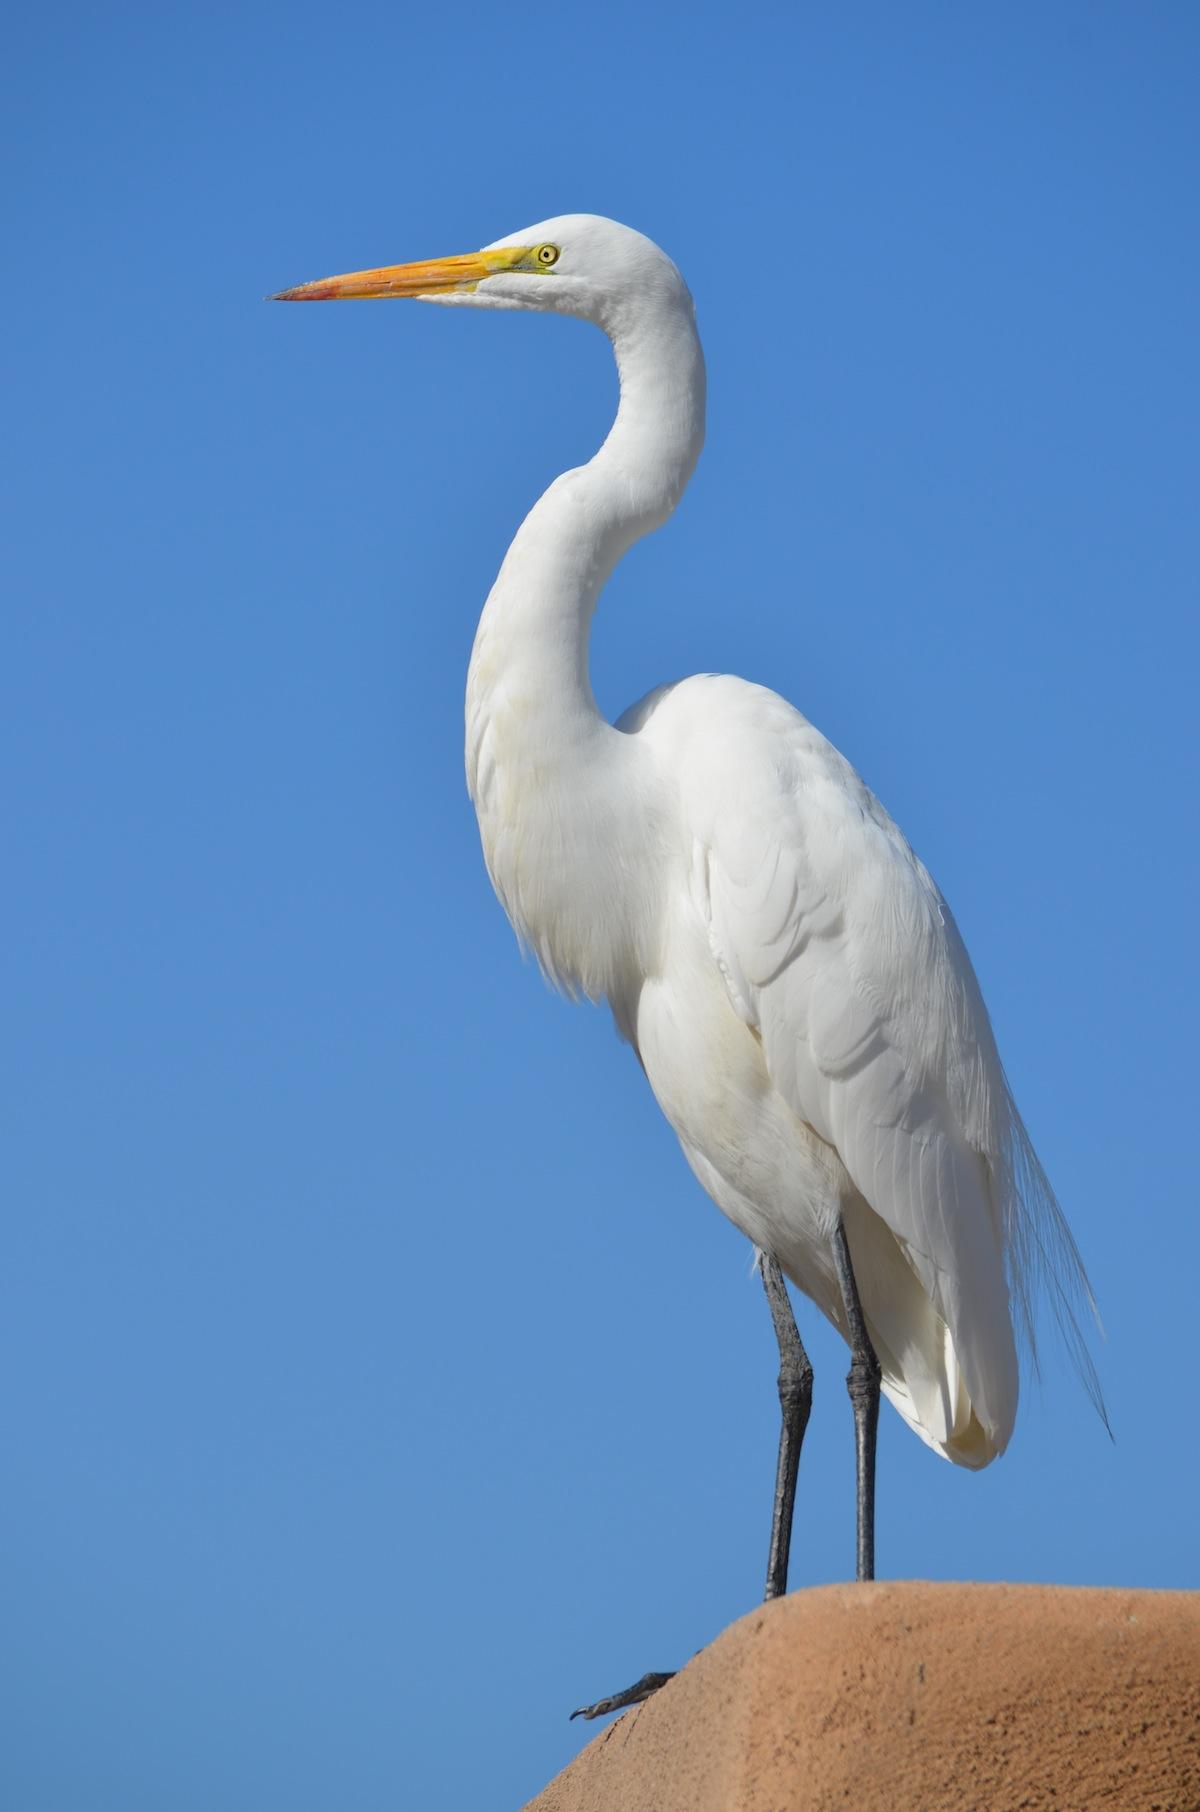 a white heron analysis essay